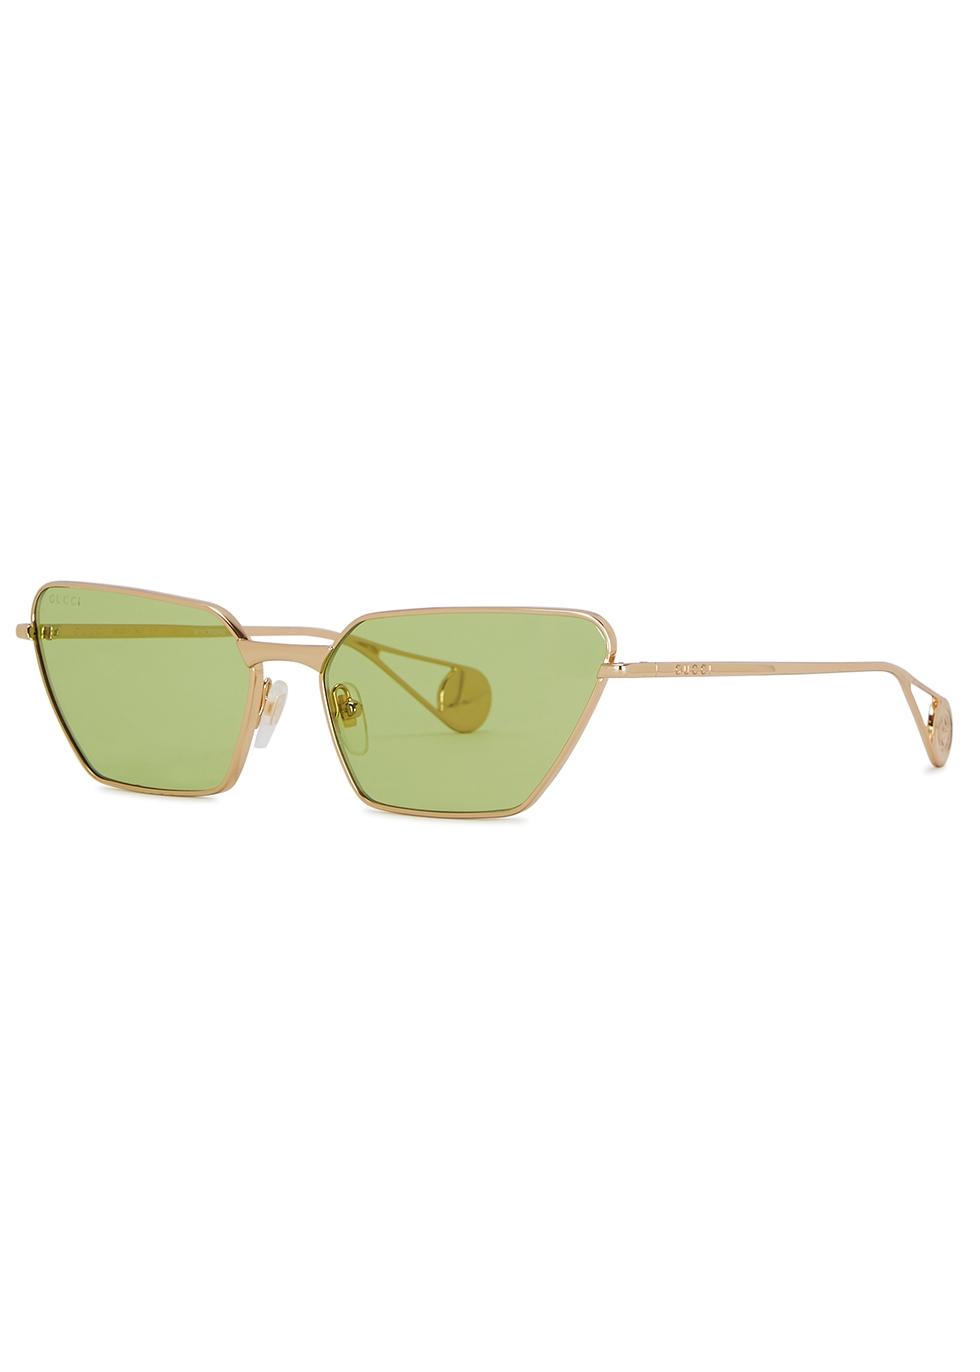 GUCCI | Gucci Gold-Tone Cat-Eye Sunglasses | Goxip